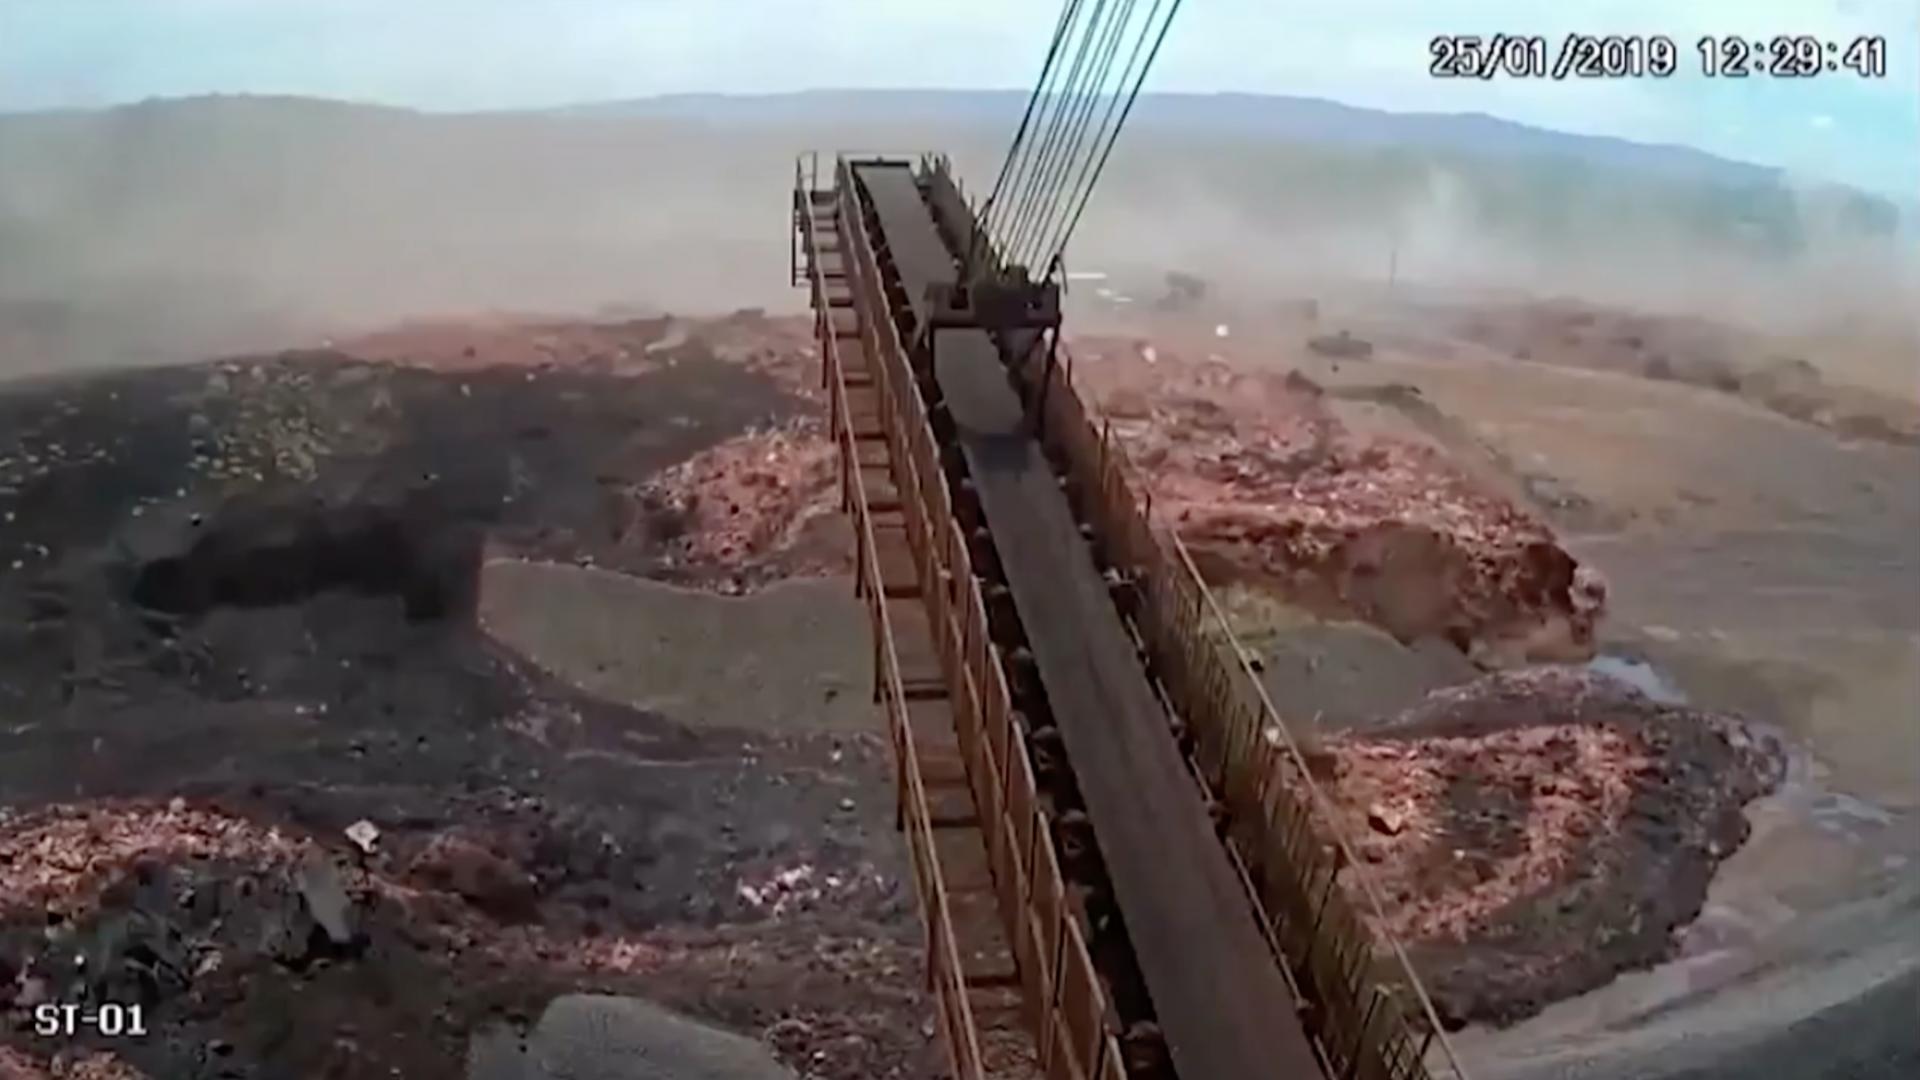 فيديو جديد يظهر لحظة انهيار سد في البرازيل